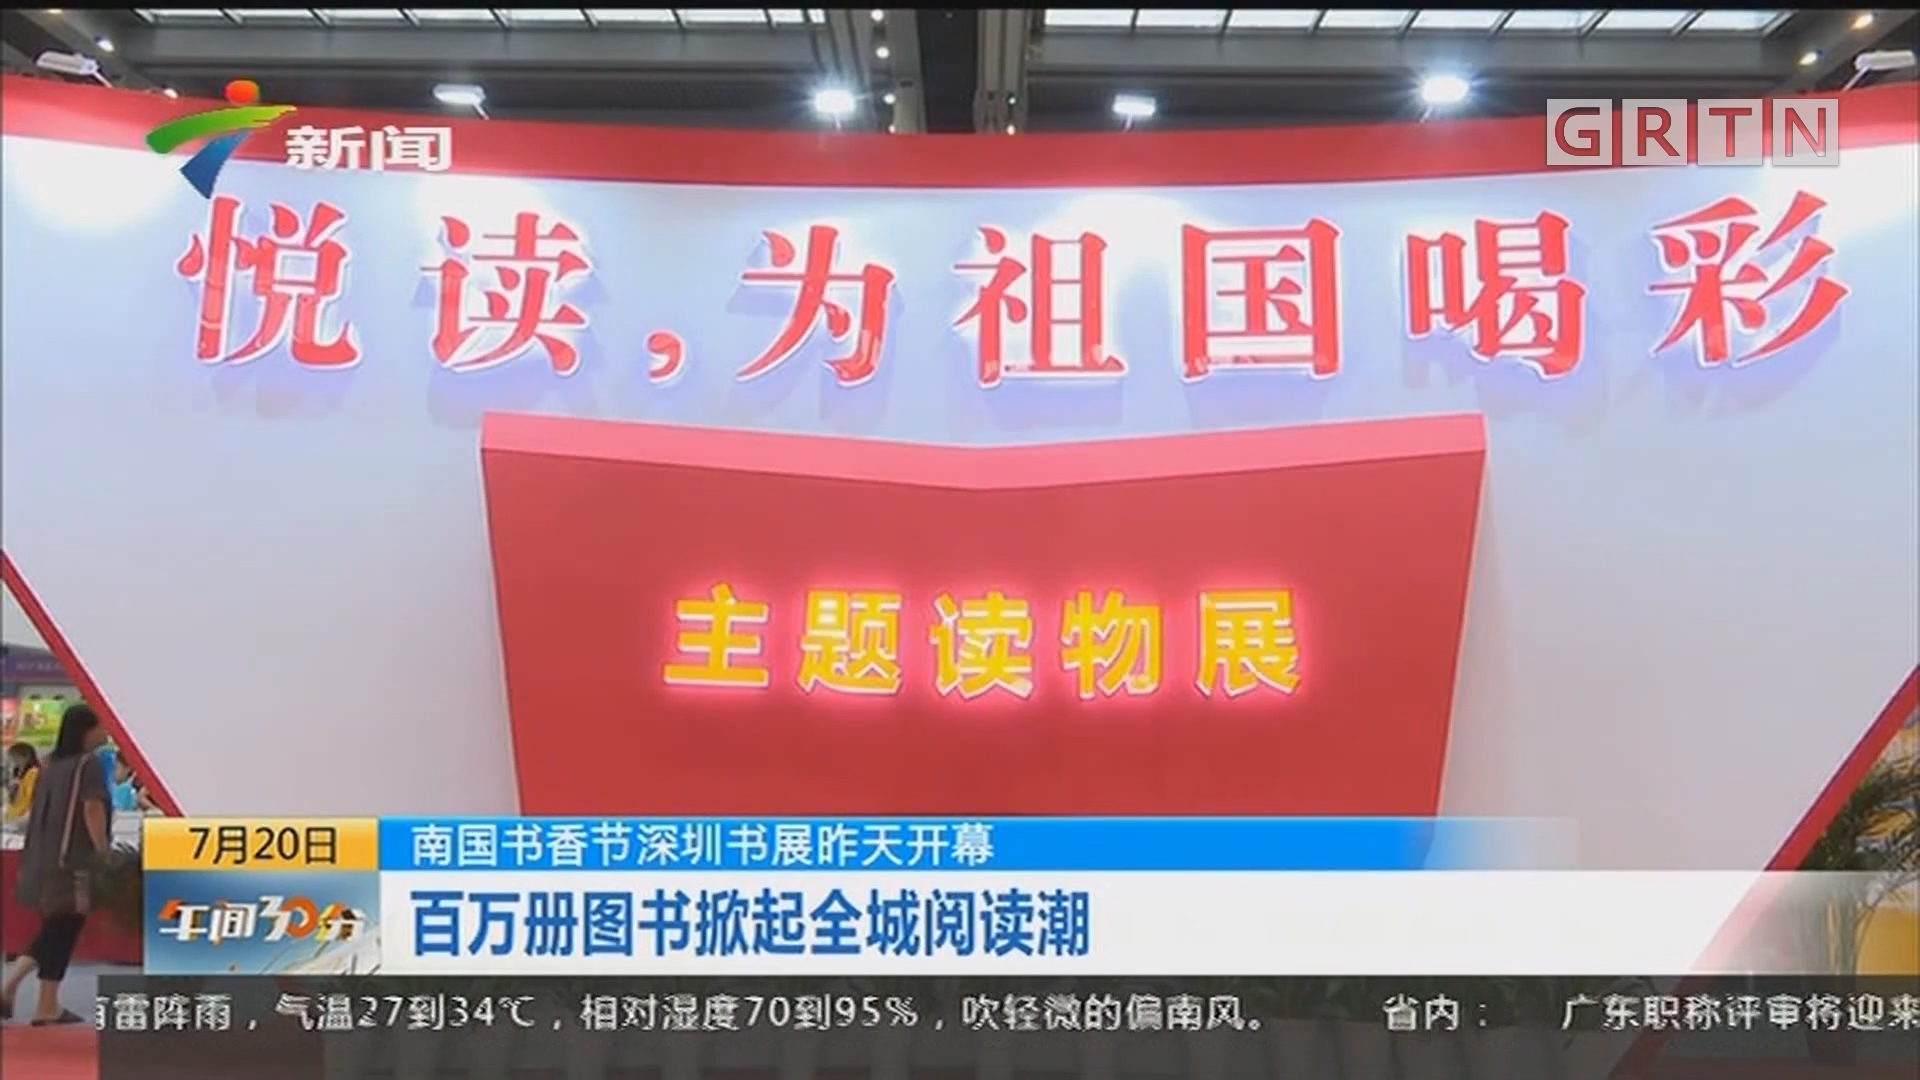 南国书香节深圳书展昨天开幕:百万册图书掀起全城阅读潮